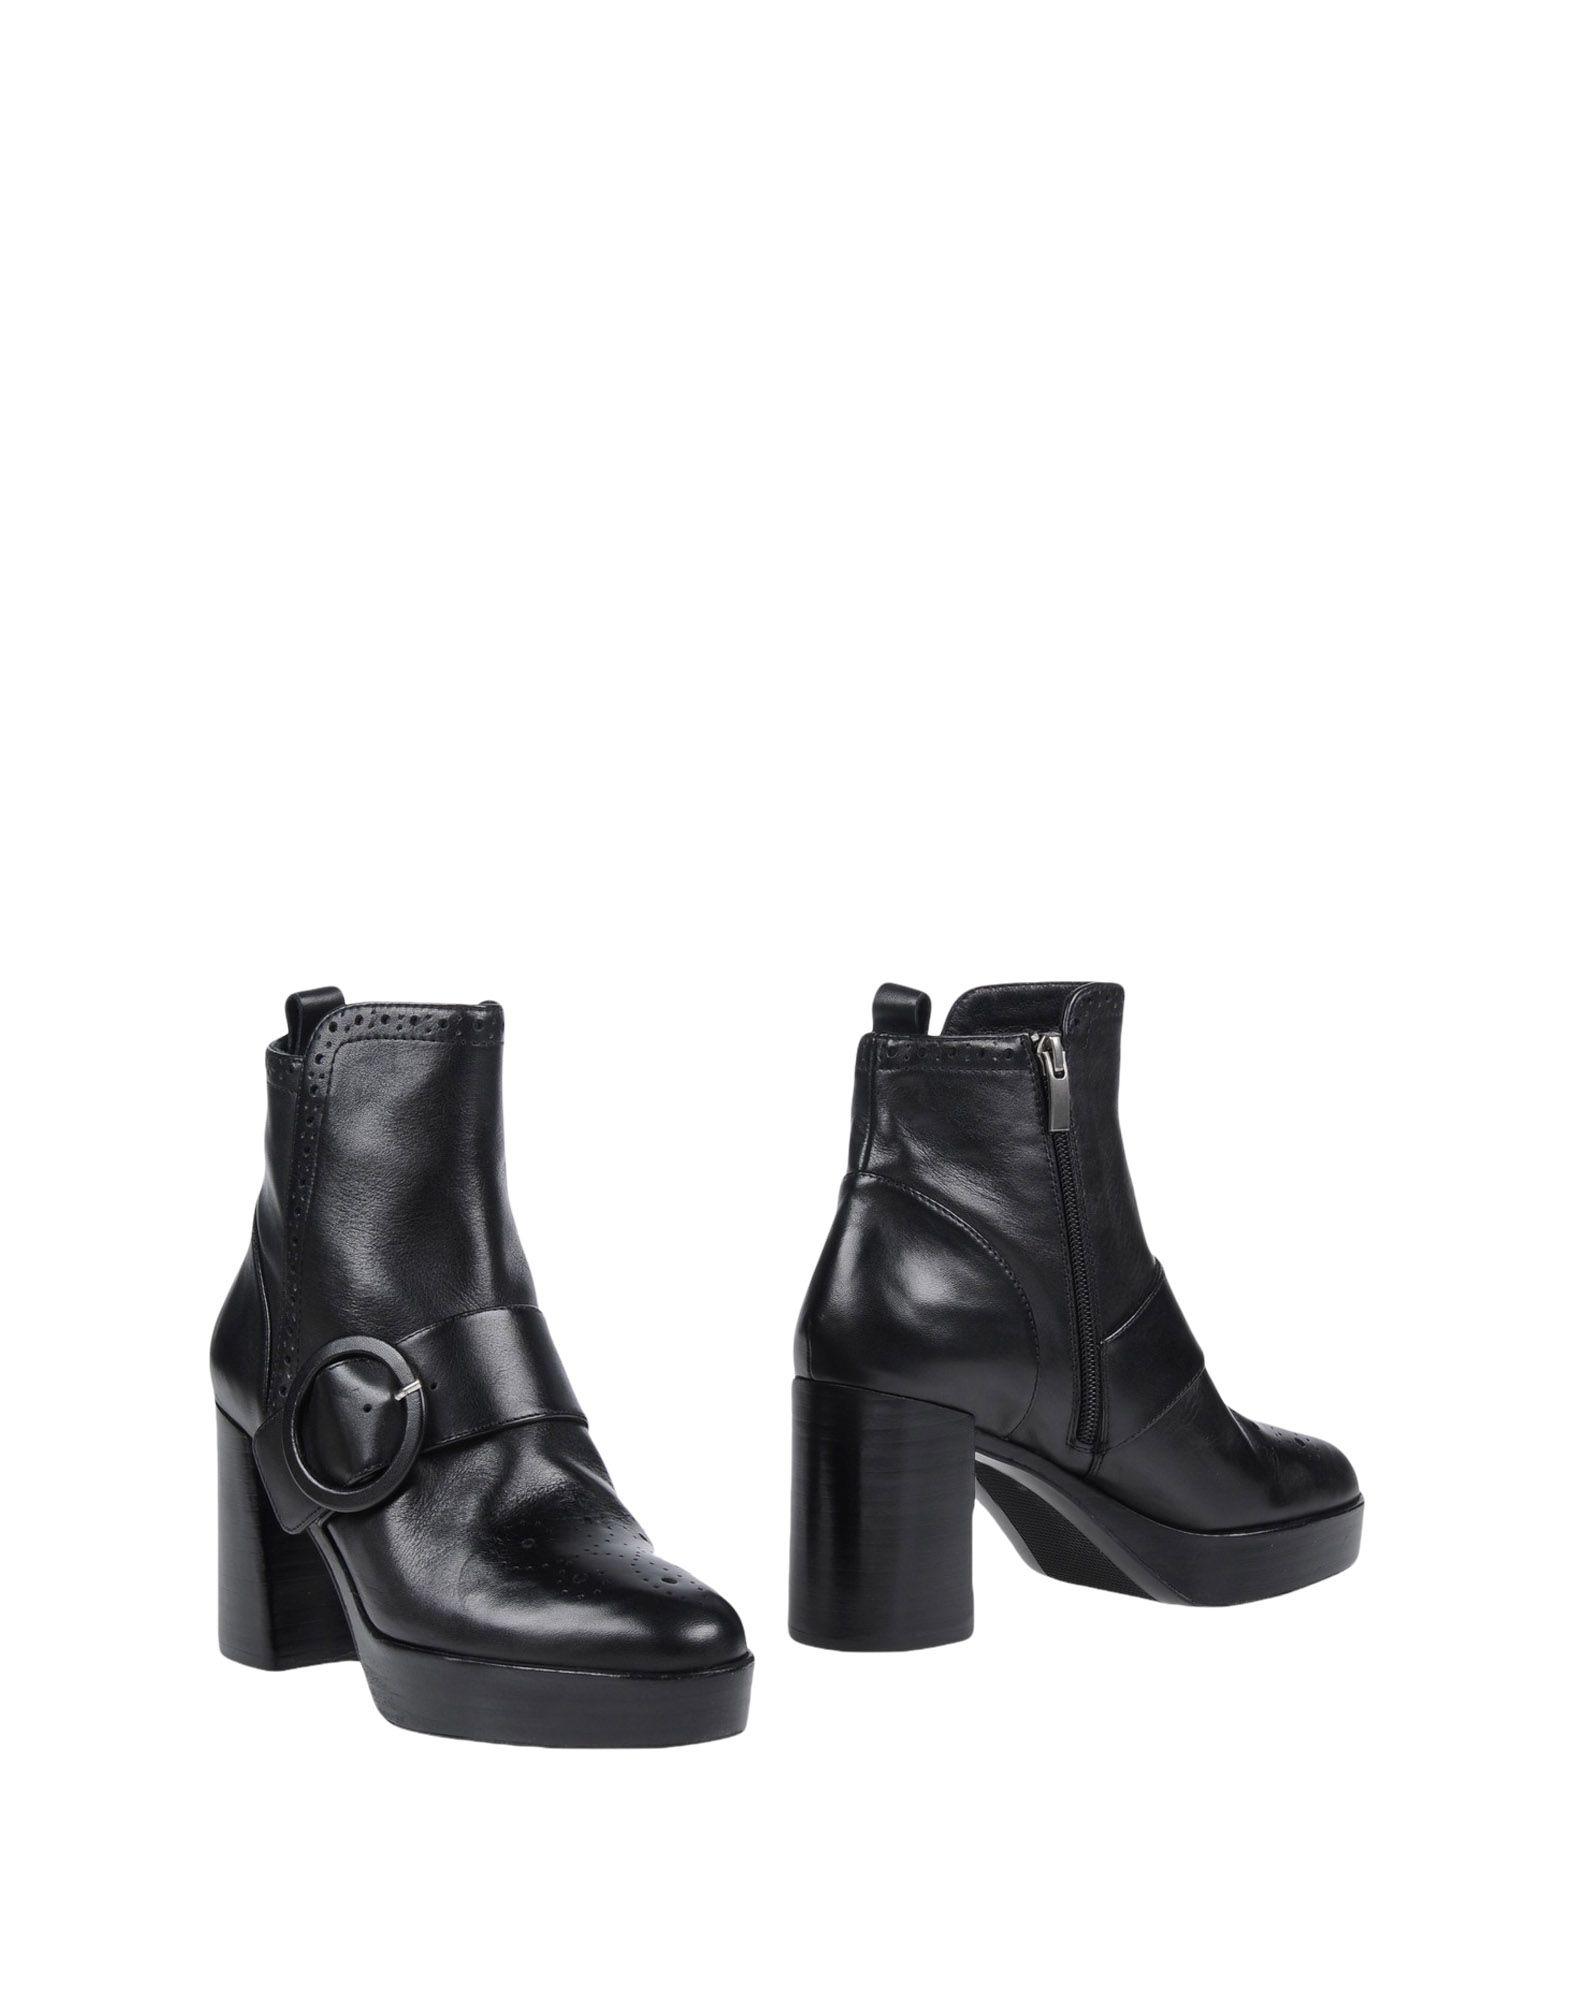 Bruno Premi Stiefelette Damen  11455859IF Gute Qualität beliebte Schuhe